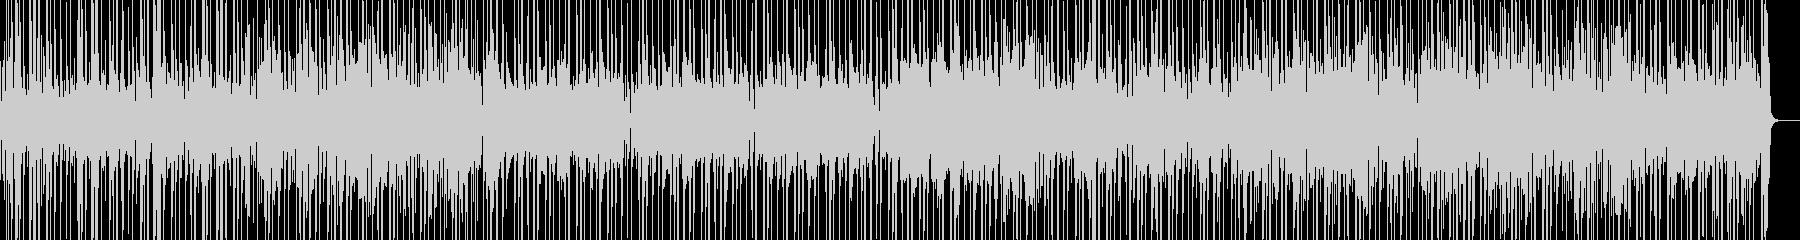 アダルトでパワフルさのあるポップの未再生の波形